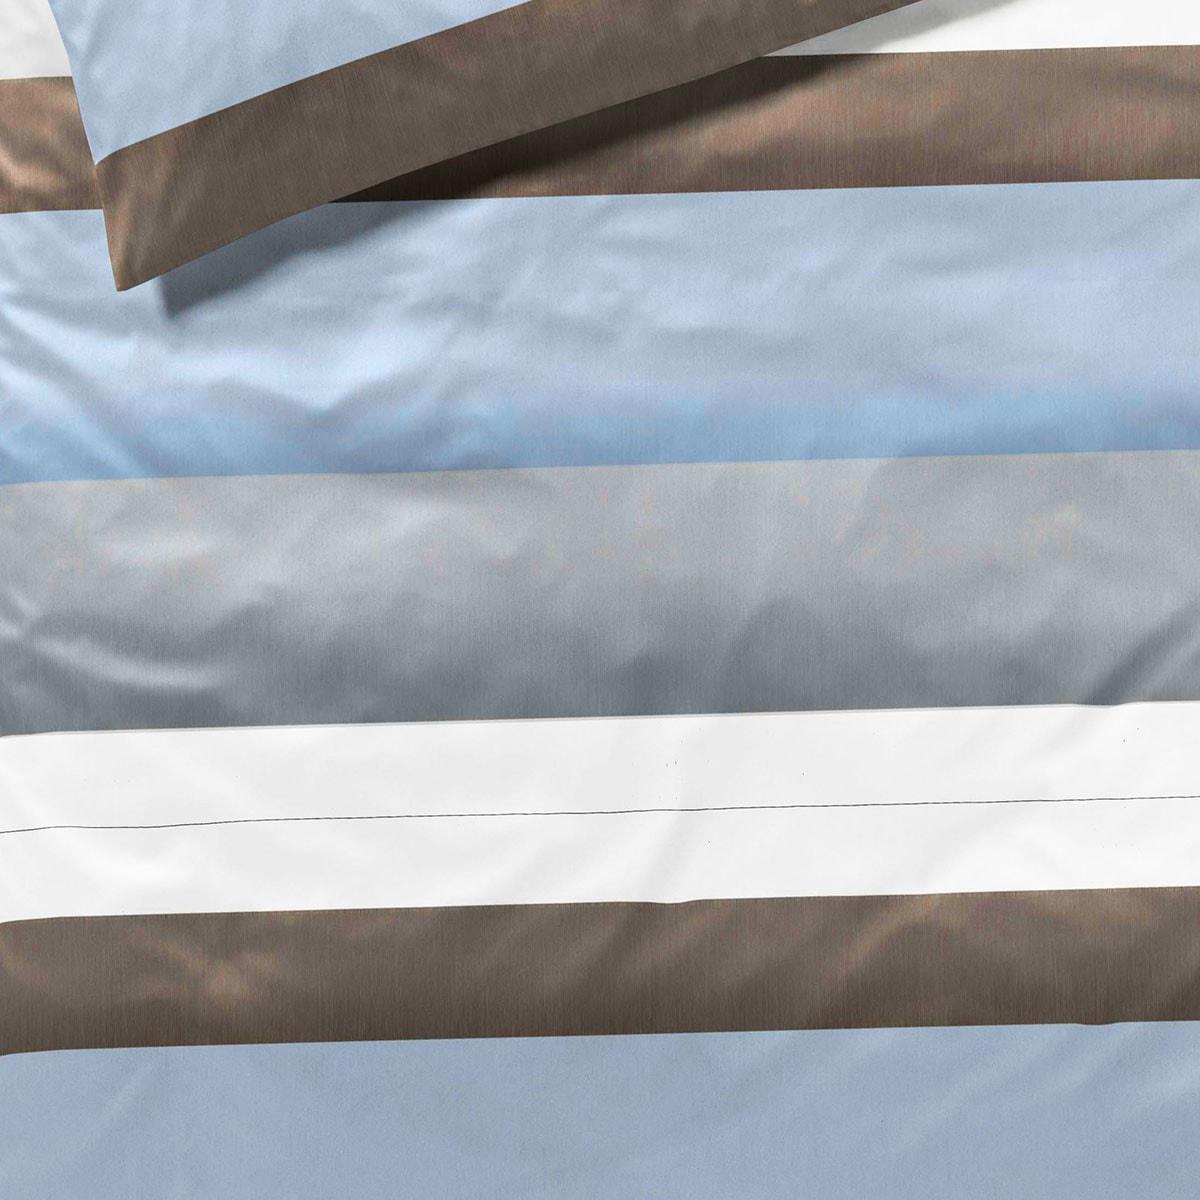 joop bettw sche purity sky g nstig online kaufen bei. Black Bedroom Furniture Sets. Home Design Ideas